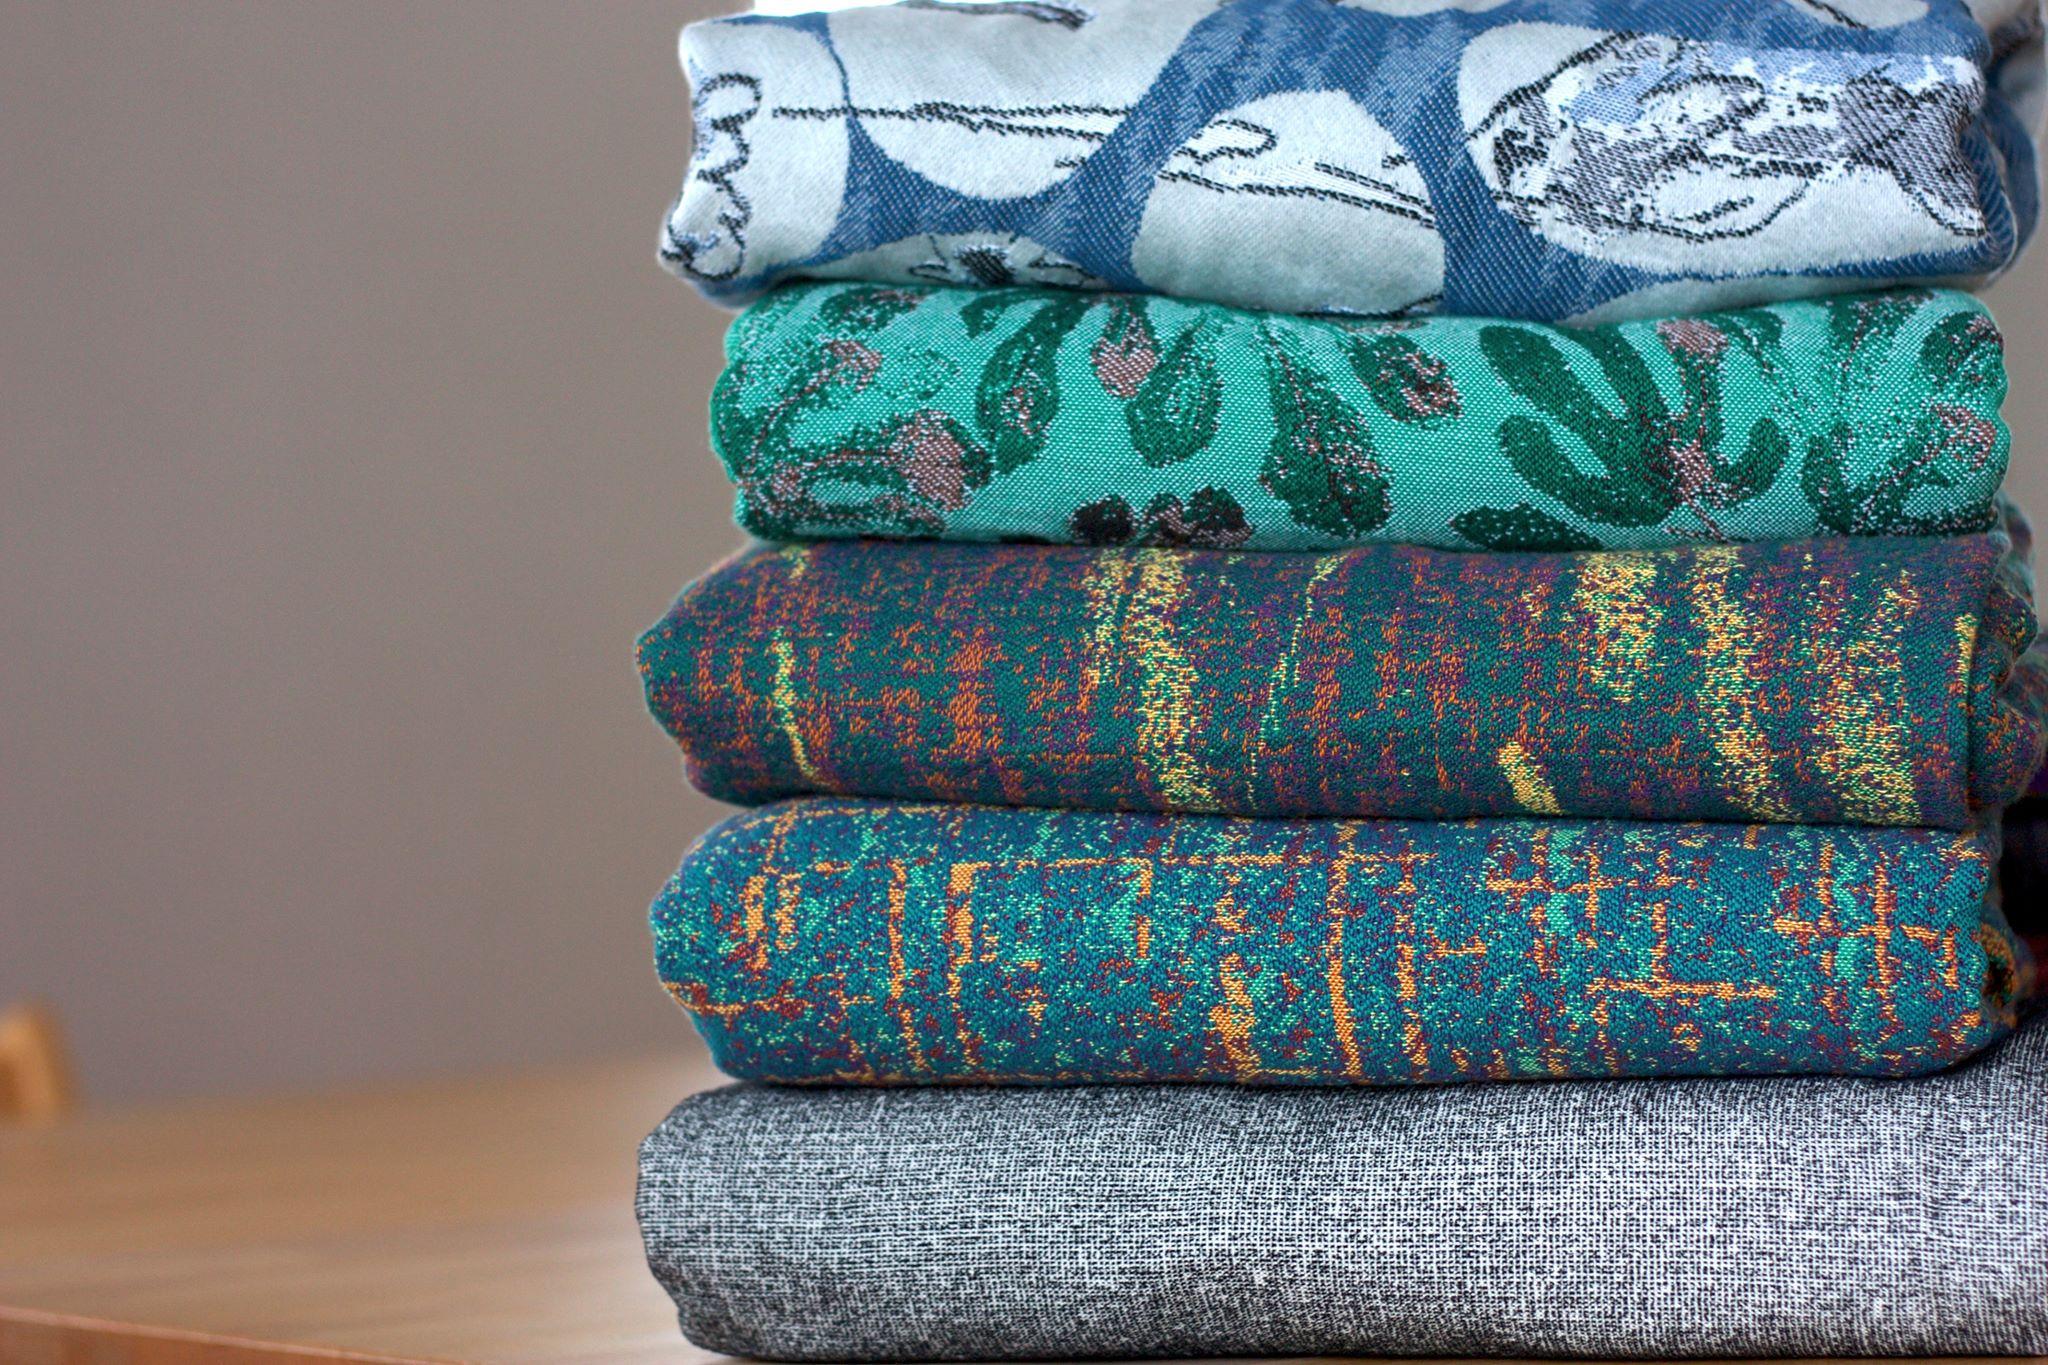 yaro woven wrap duo weave